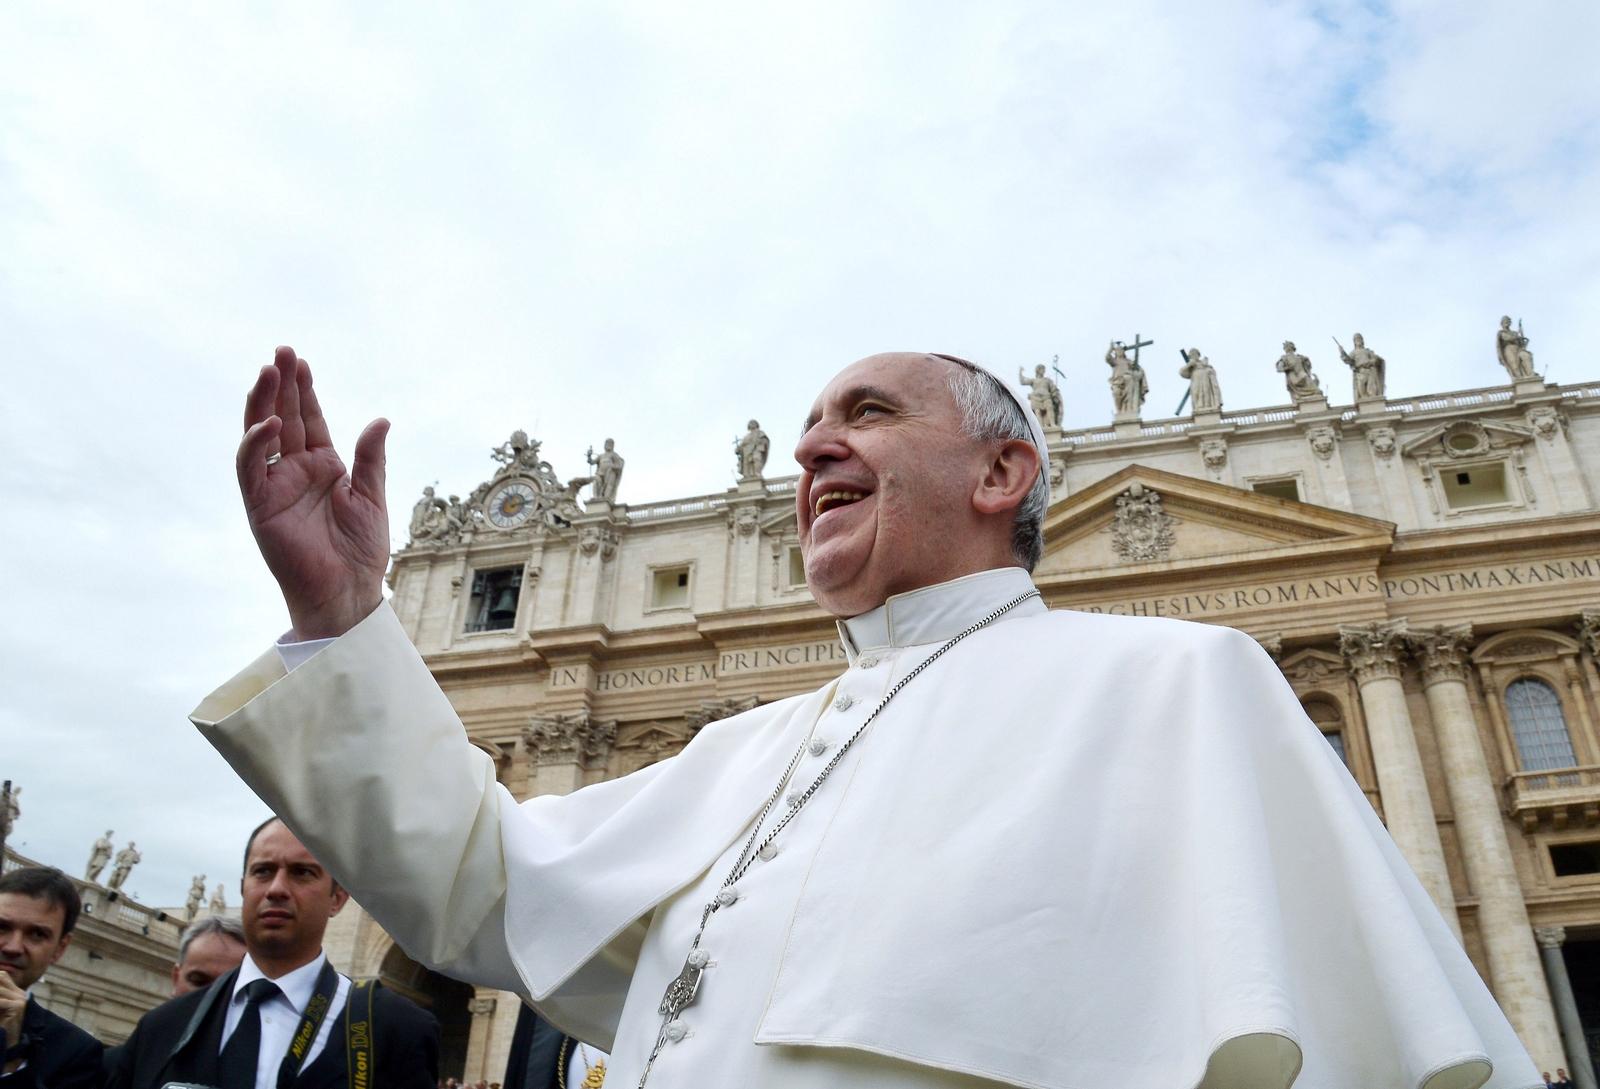 Hay versiones de que se ha visto en Roma un suplantador que se hace pasar por Francisco